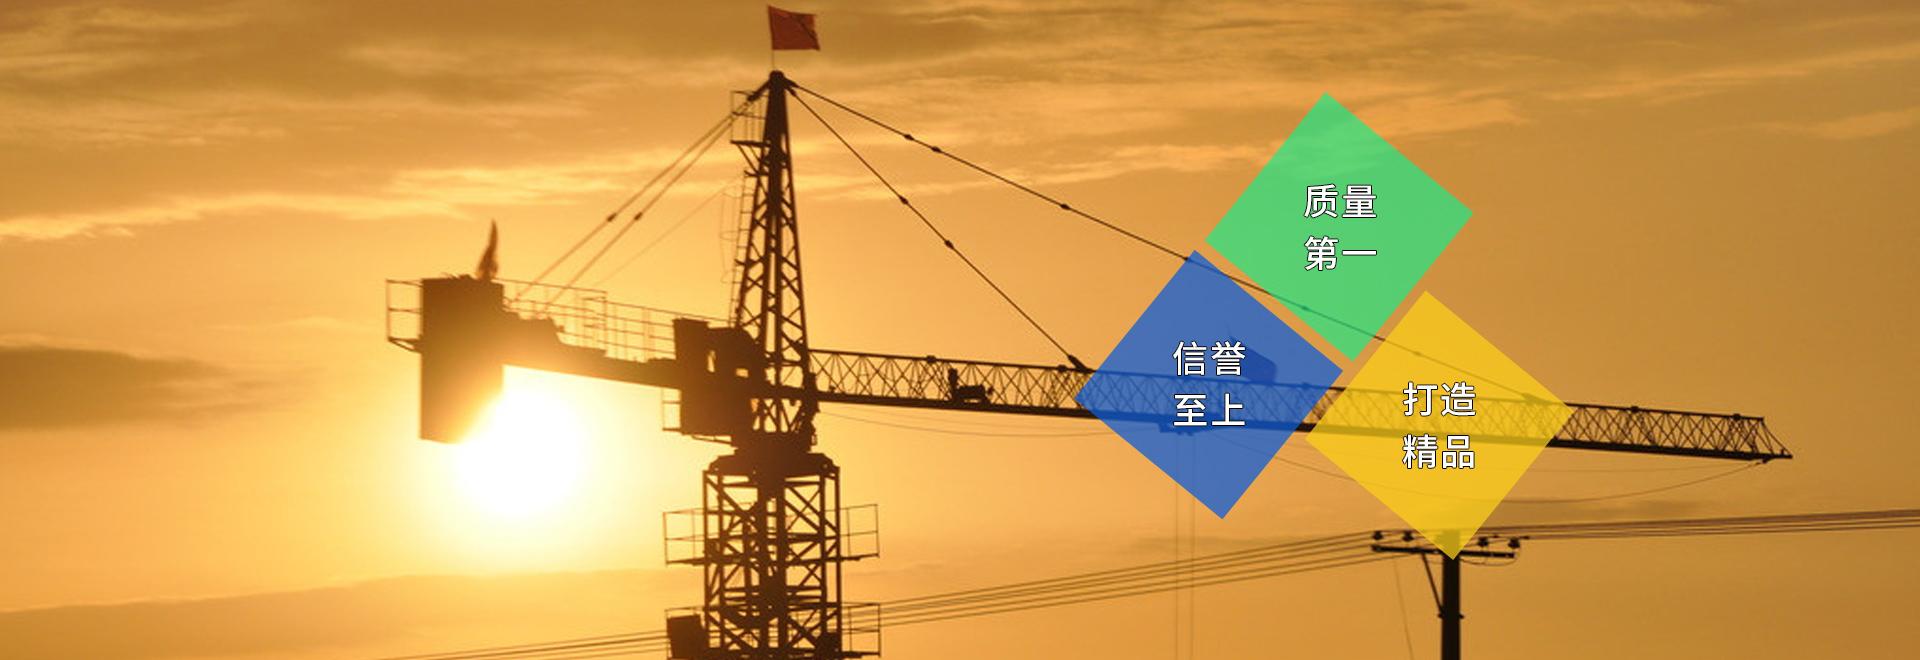 四川建筑集团